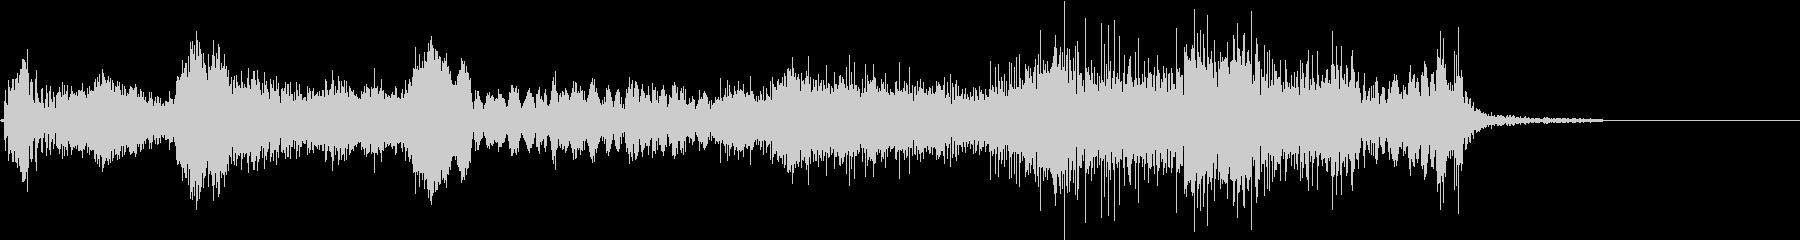 ACOUSTIC GUITAR:B...の未再生の波形